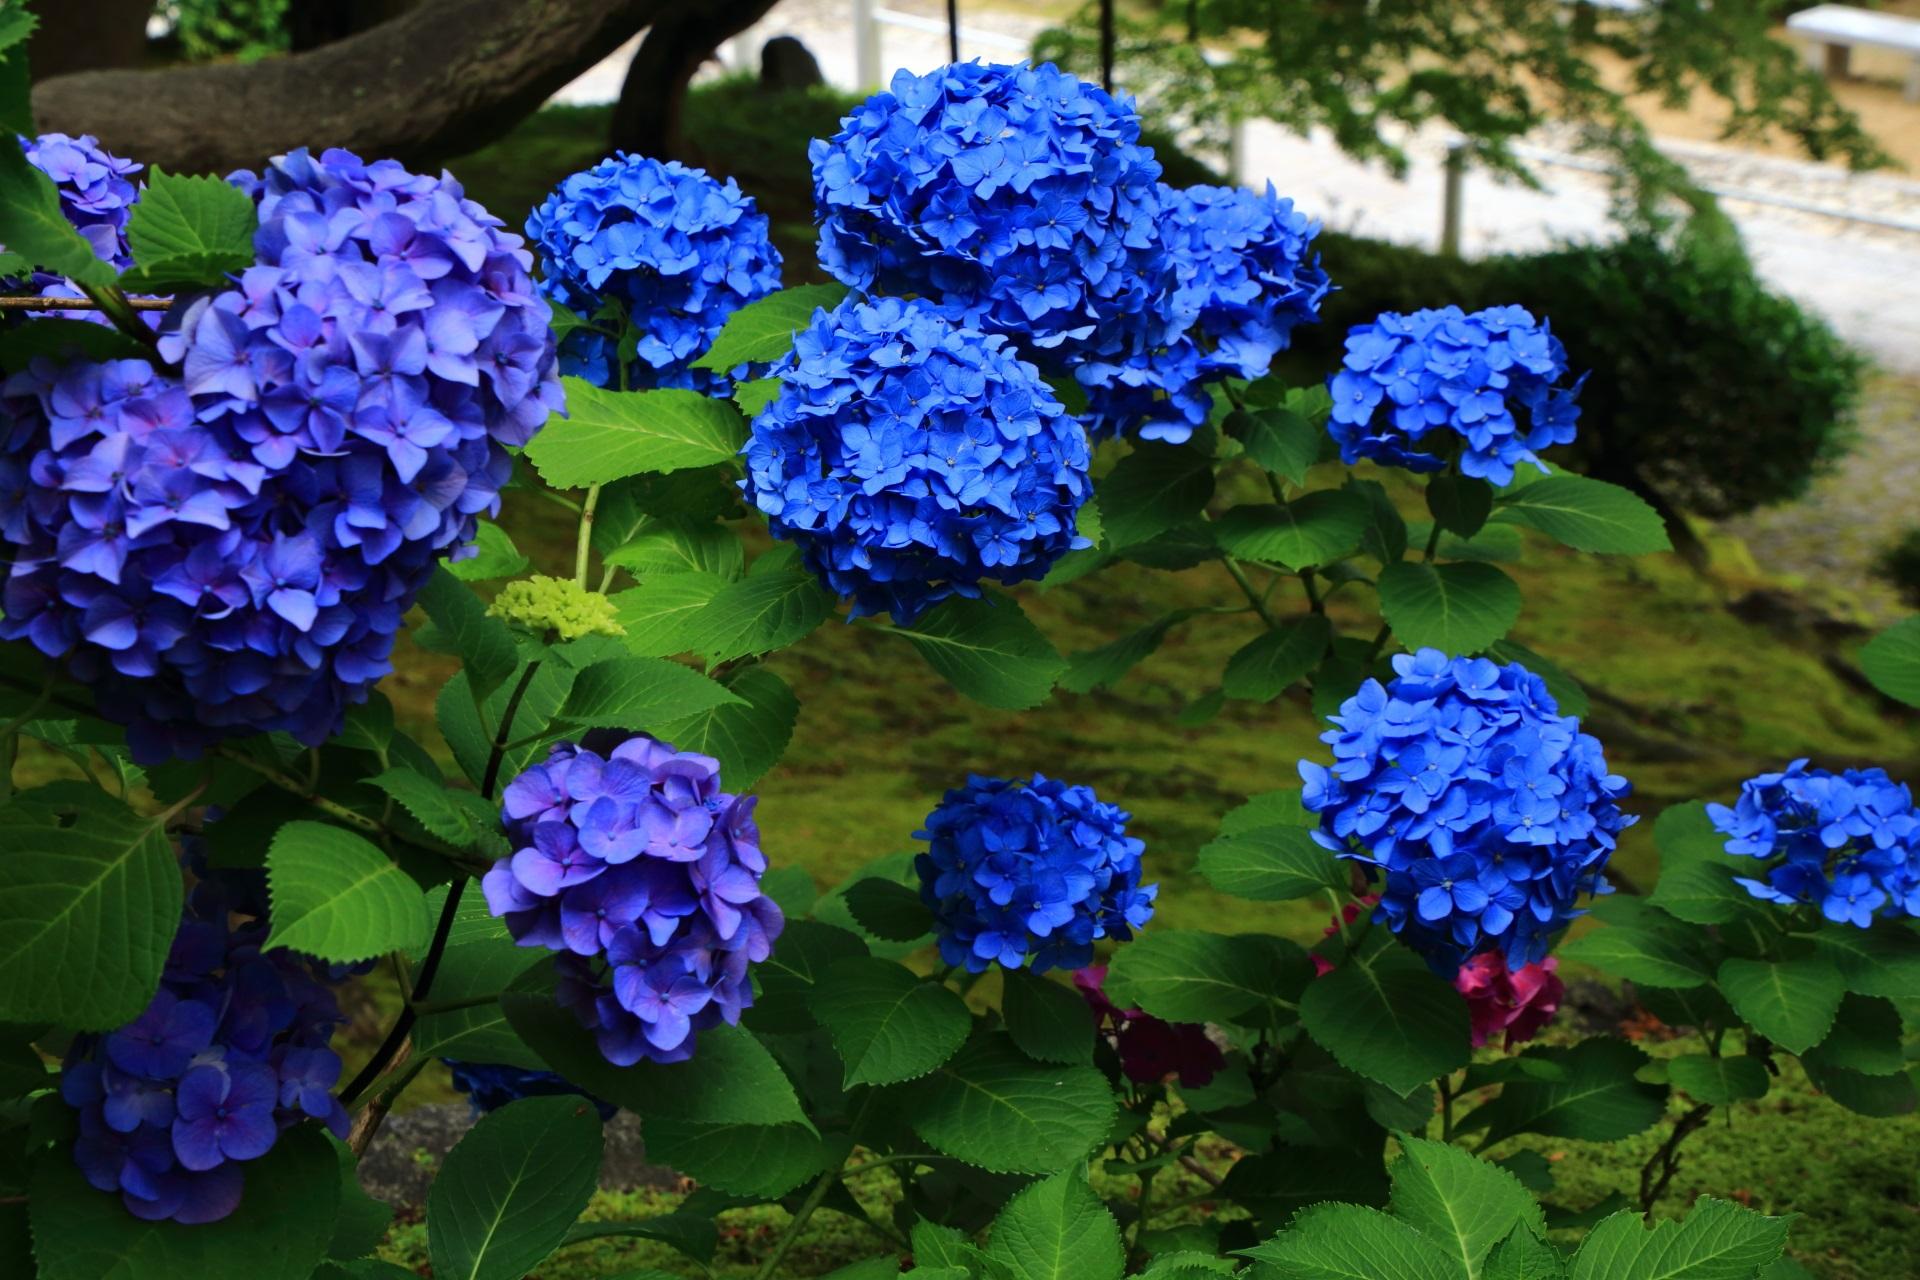 知恩院の目を引くような鮮やかな青い紫陽花